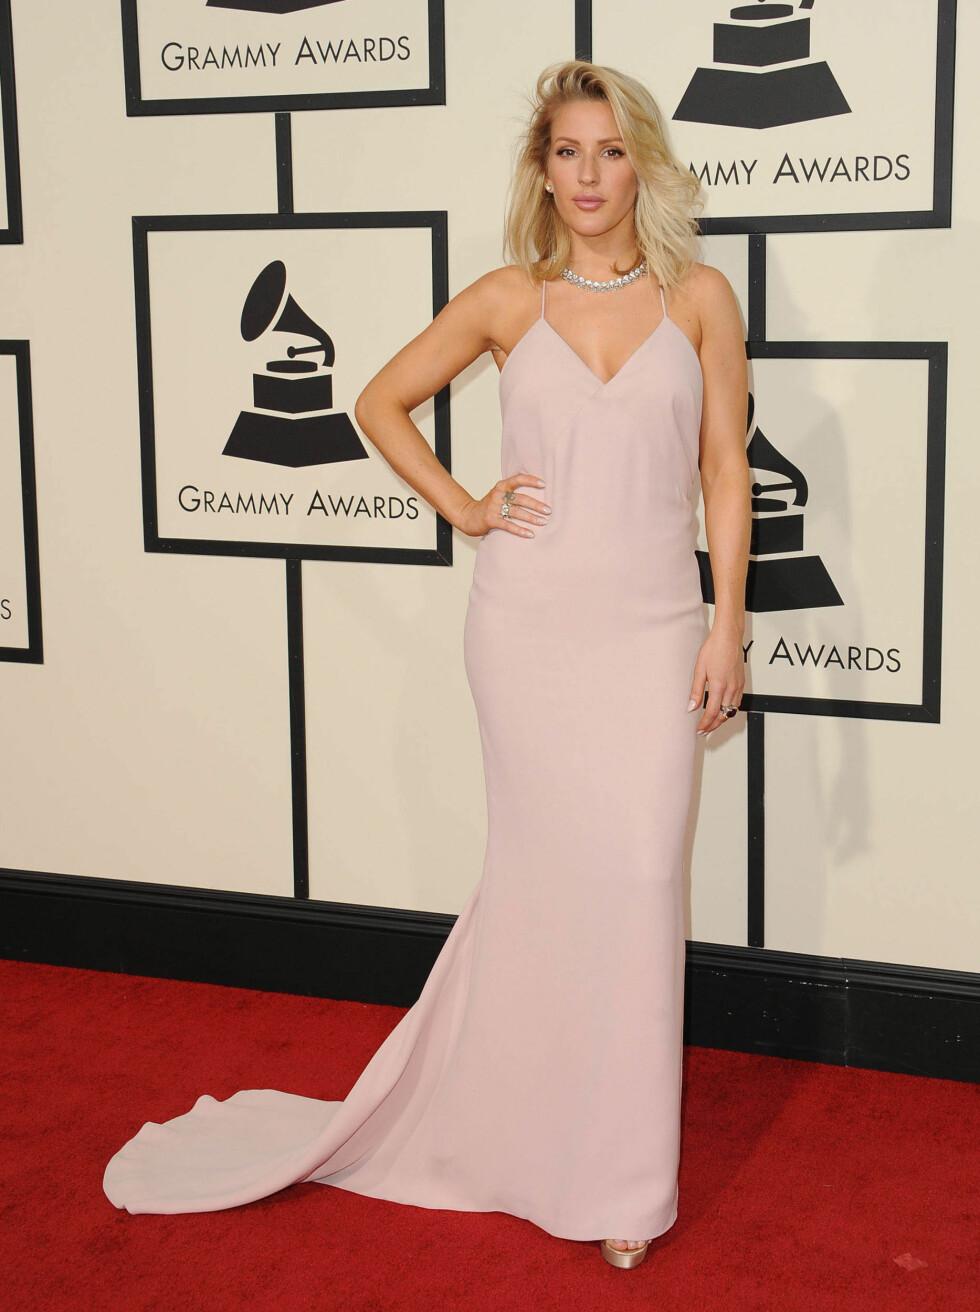 VAKKER: 29-åringen strålte i denne pudderrosa kreasjonen under Grammy Awards. Foto: Pa Photos